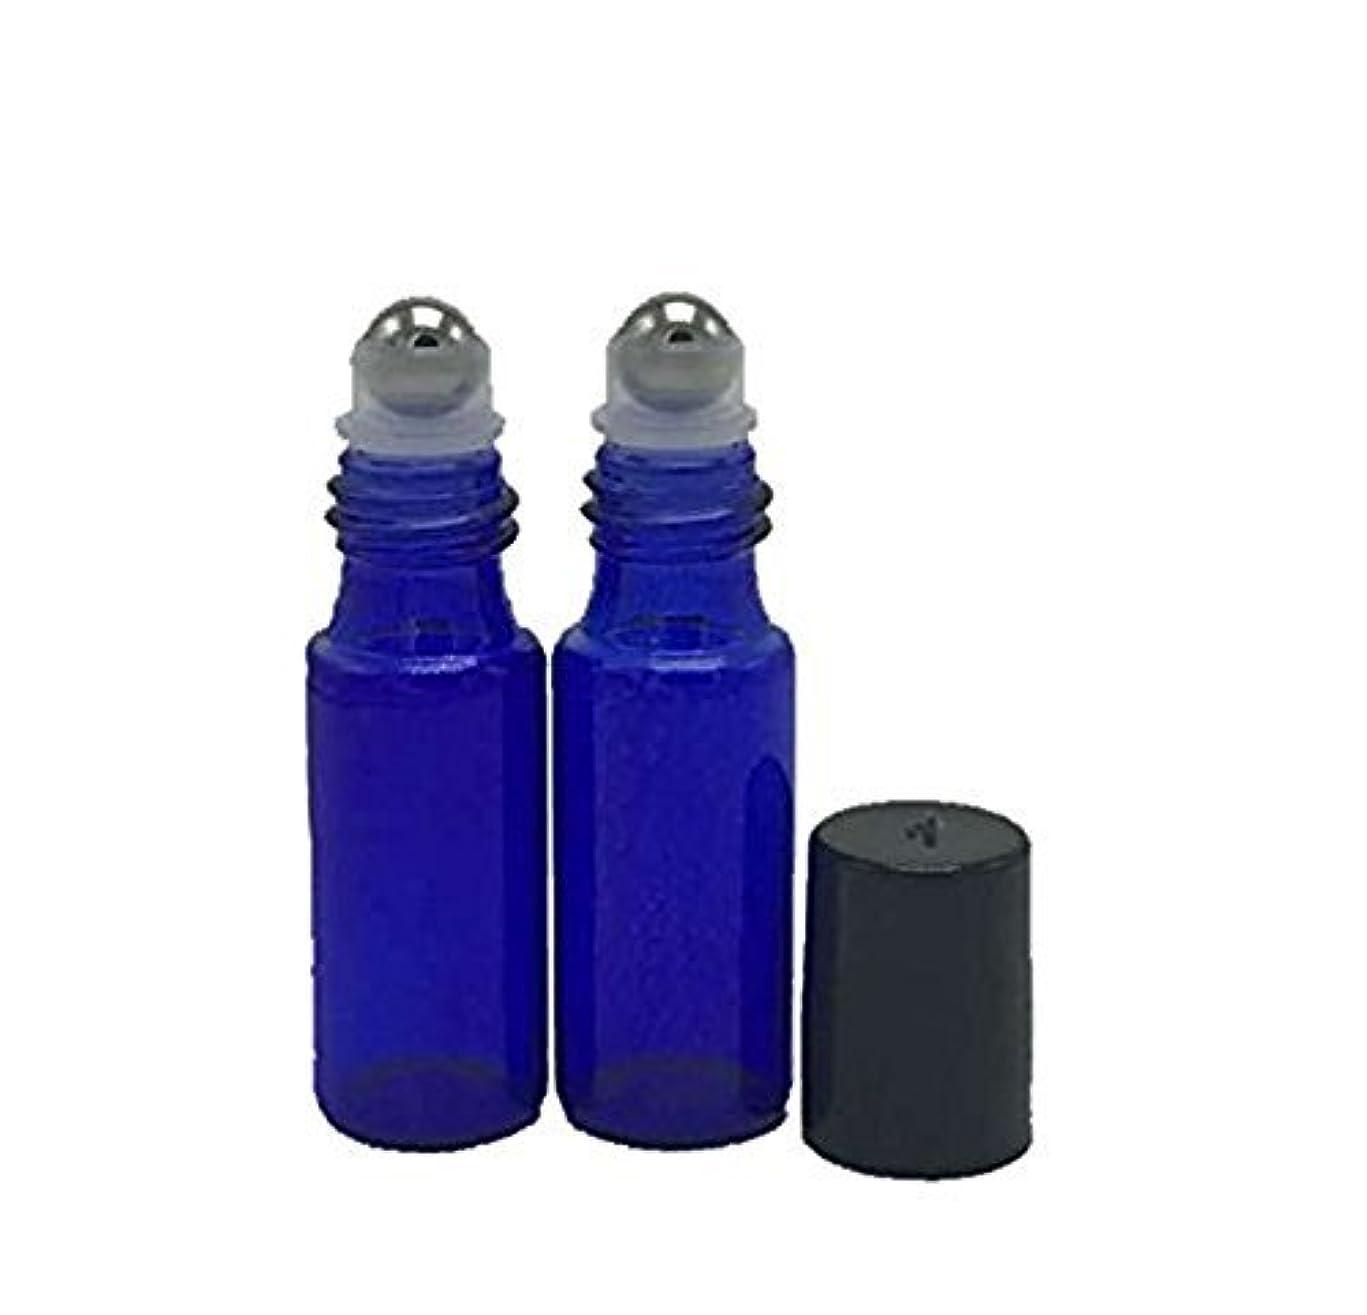 静める見通し確かなHaifly 12 Pcs 5 ml Empty Refillable Rollerball Glass Bottles for Essential Oil with 3 ml Dropper Blue [並行輸入品]